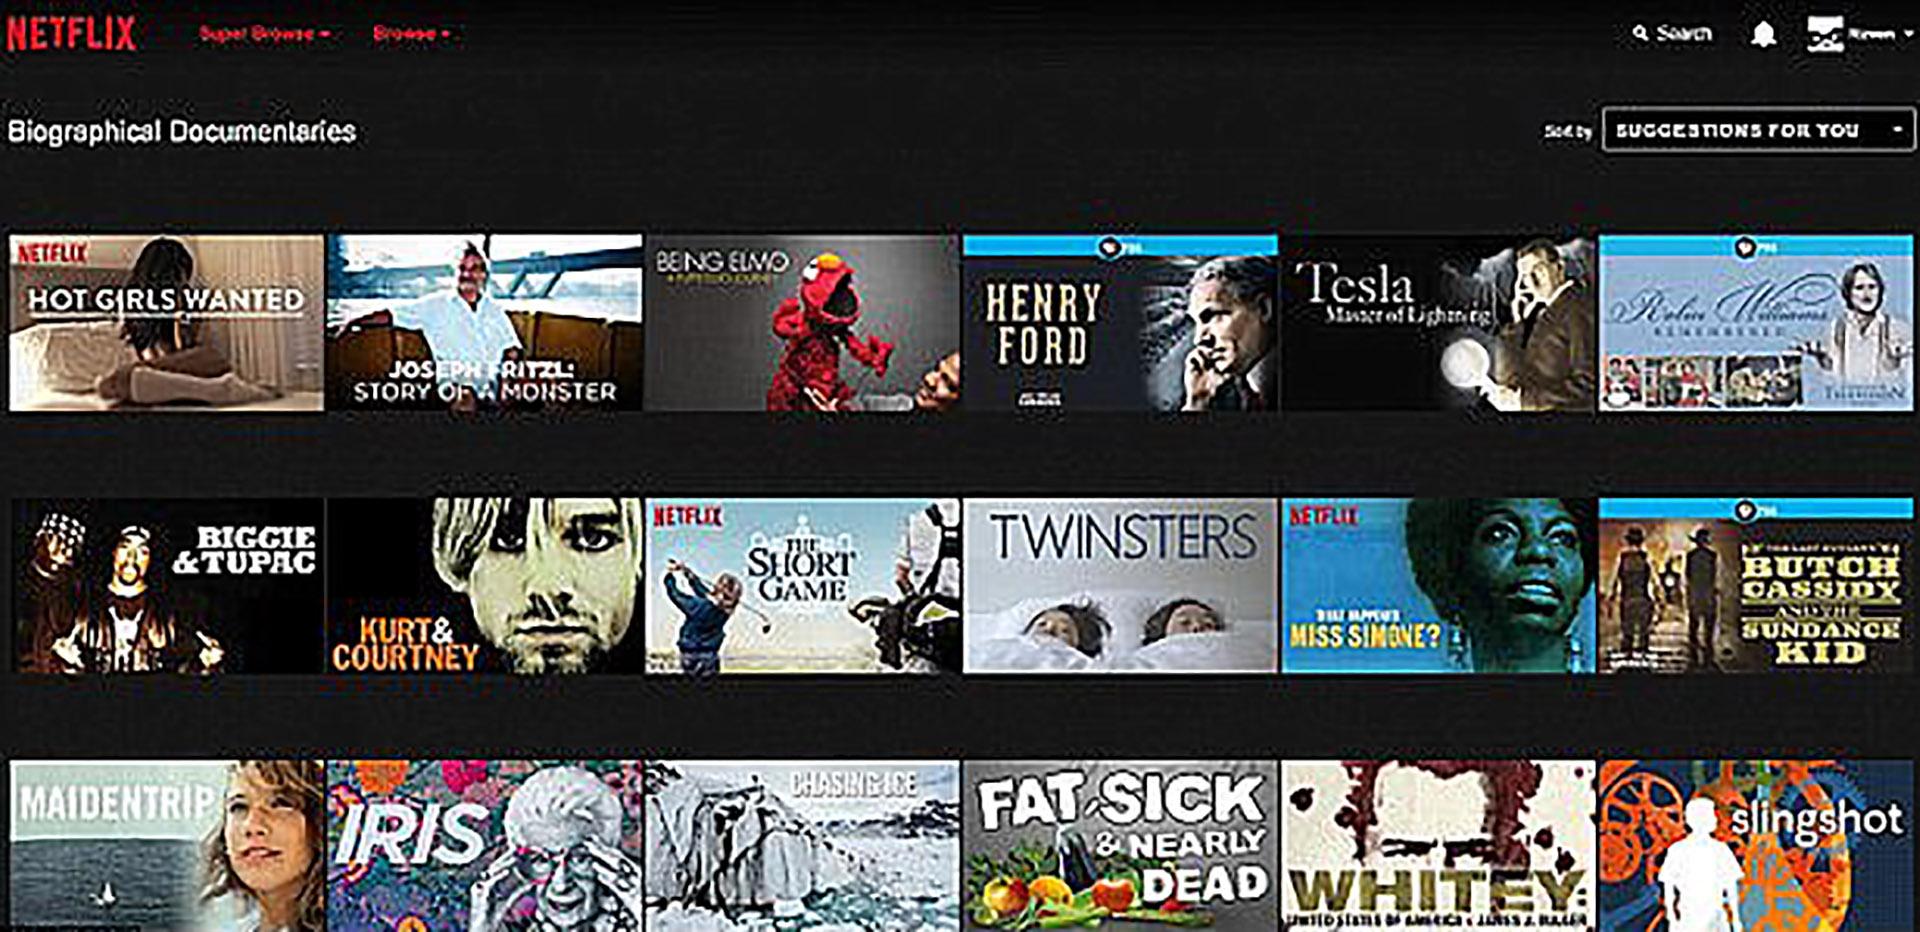 Los Codigos Secretos De Netflix Para Poder Ver Peliculas Y Programas